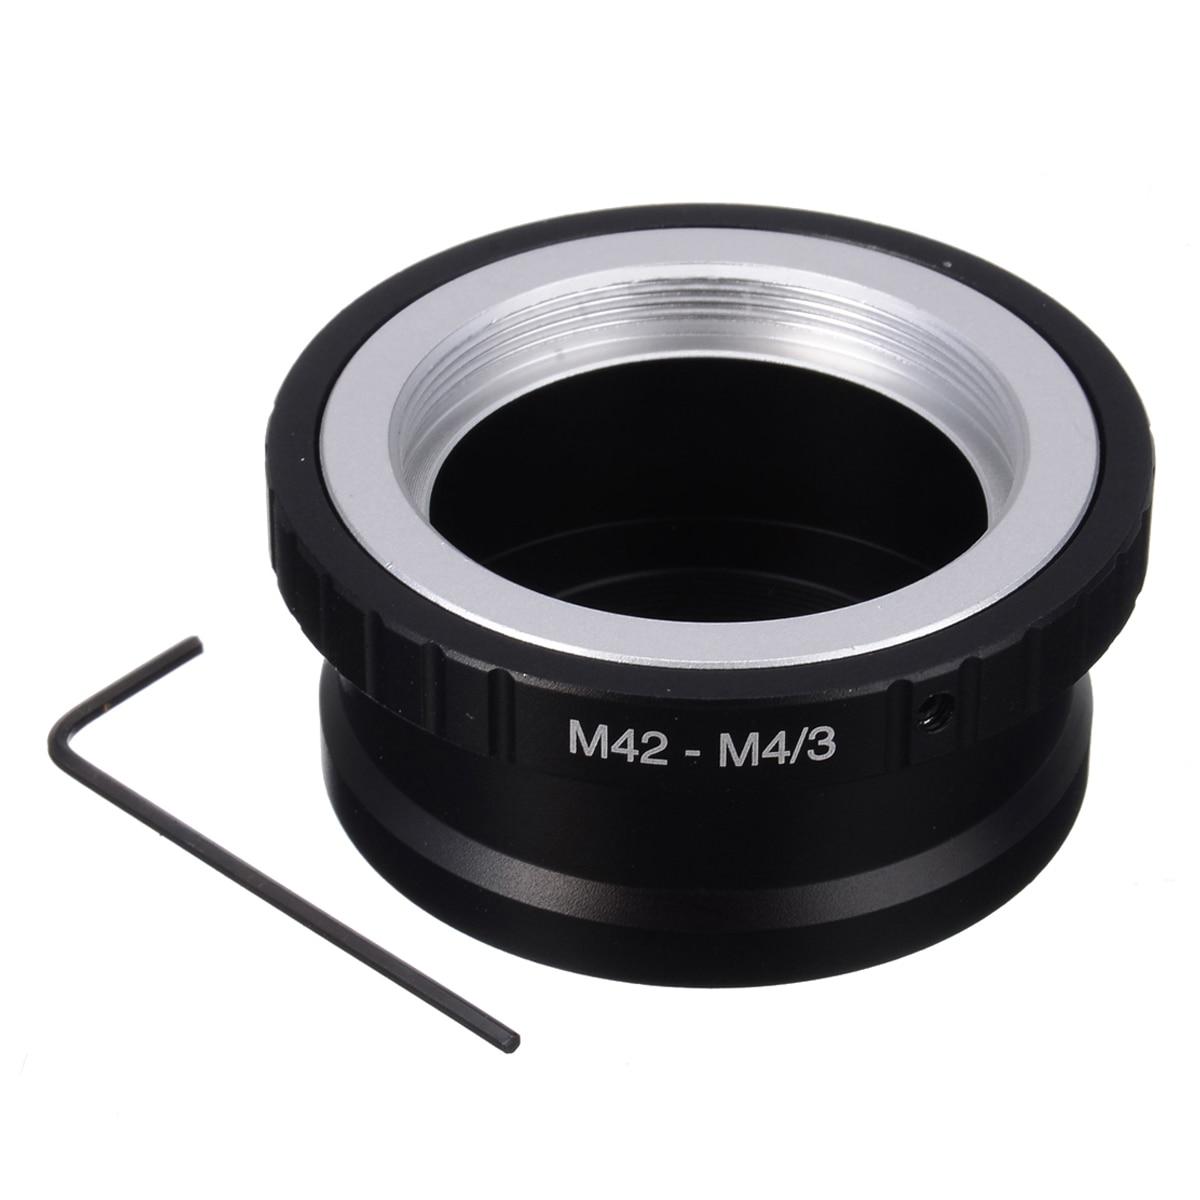 Аксессуары крепление камеры адаптер кольцо M42 объектив Микро 4/3 на M4/3 MFT в для Olympus Pen для пользователей Lumix г